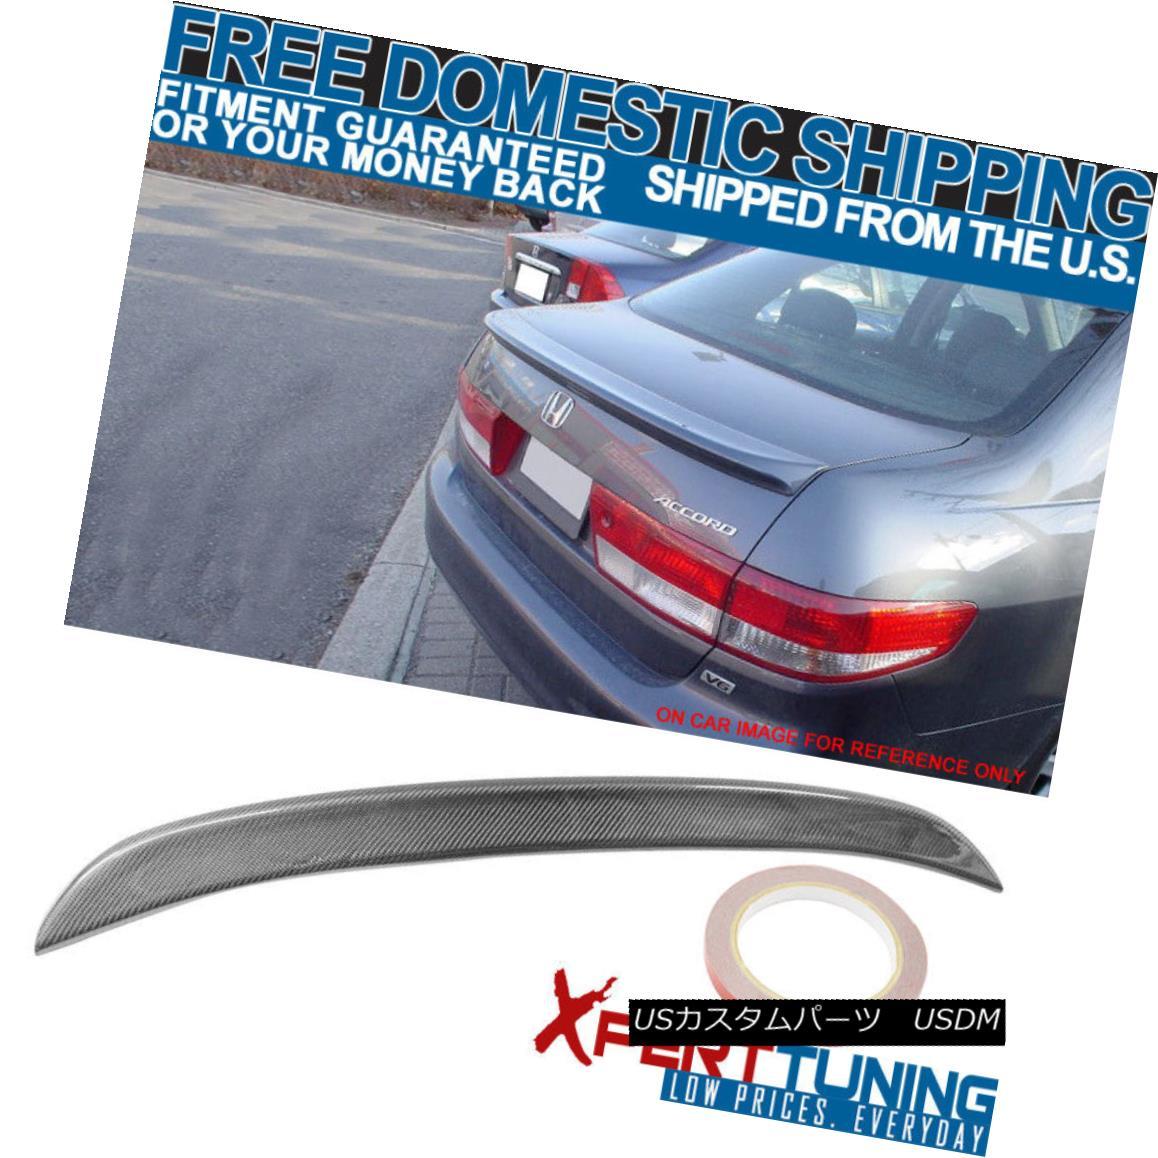 エアロパーツ 03 04 05 Honda Accord 4Dr 4Door OE Factory Style CF Carbon Fiber Trunk Spoiler 03 04 05ホンダアコード4Dr 4ドアOEファクトリースタイルCFカーボンファイバートランク・スポイラー